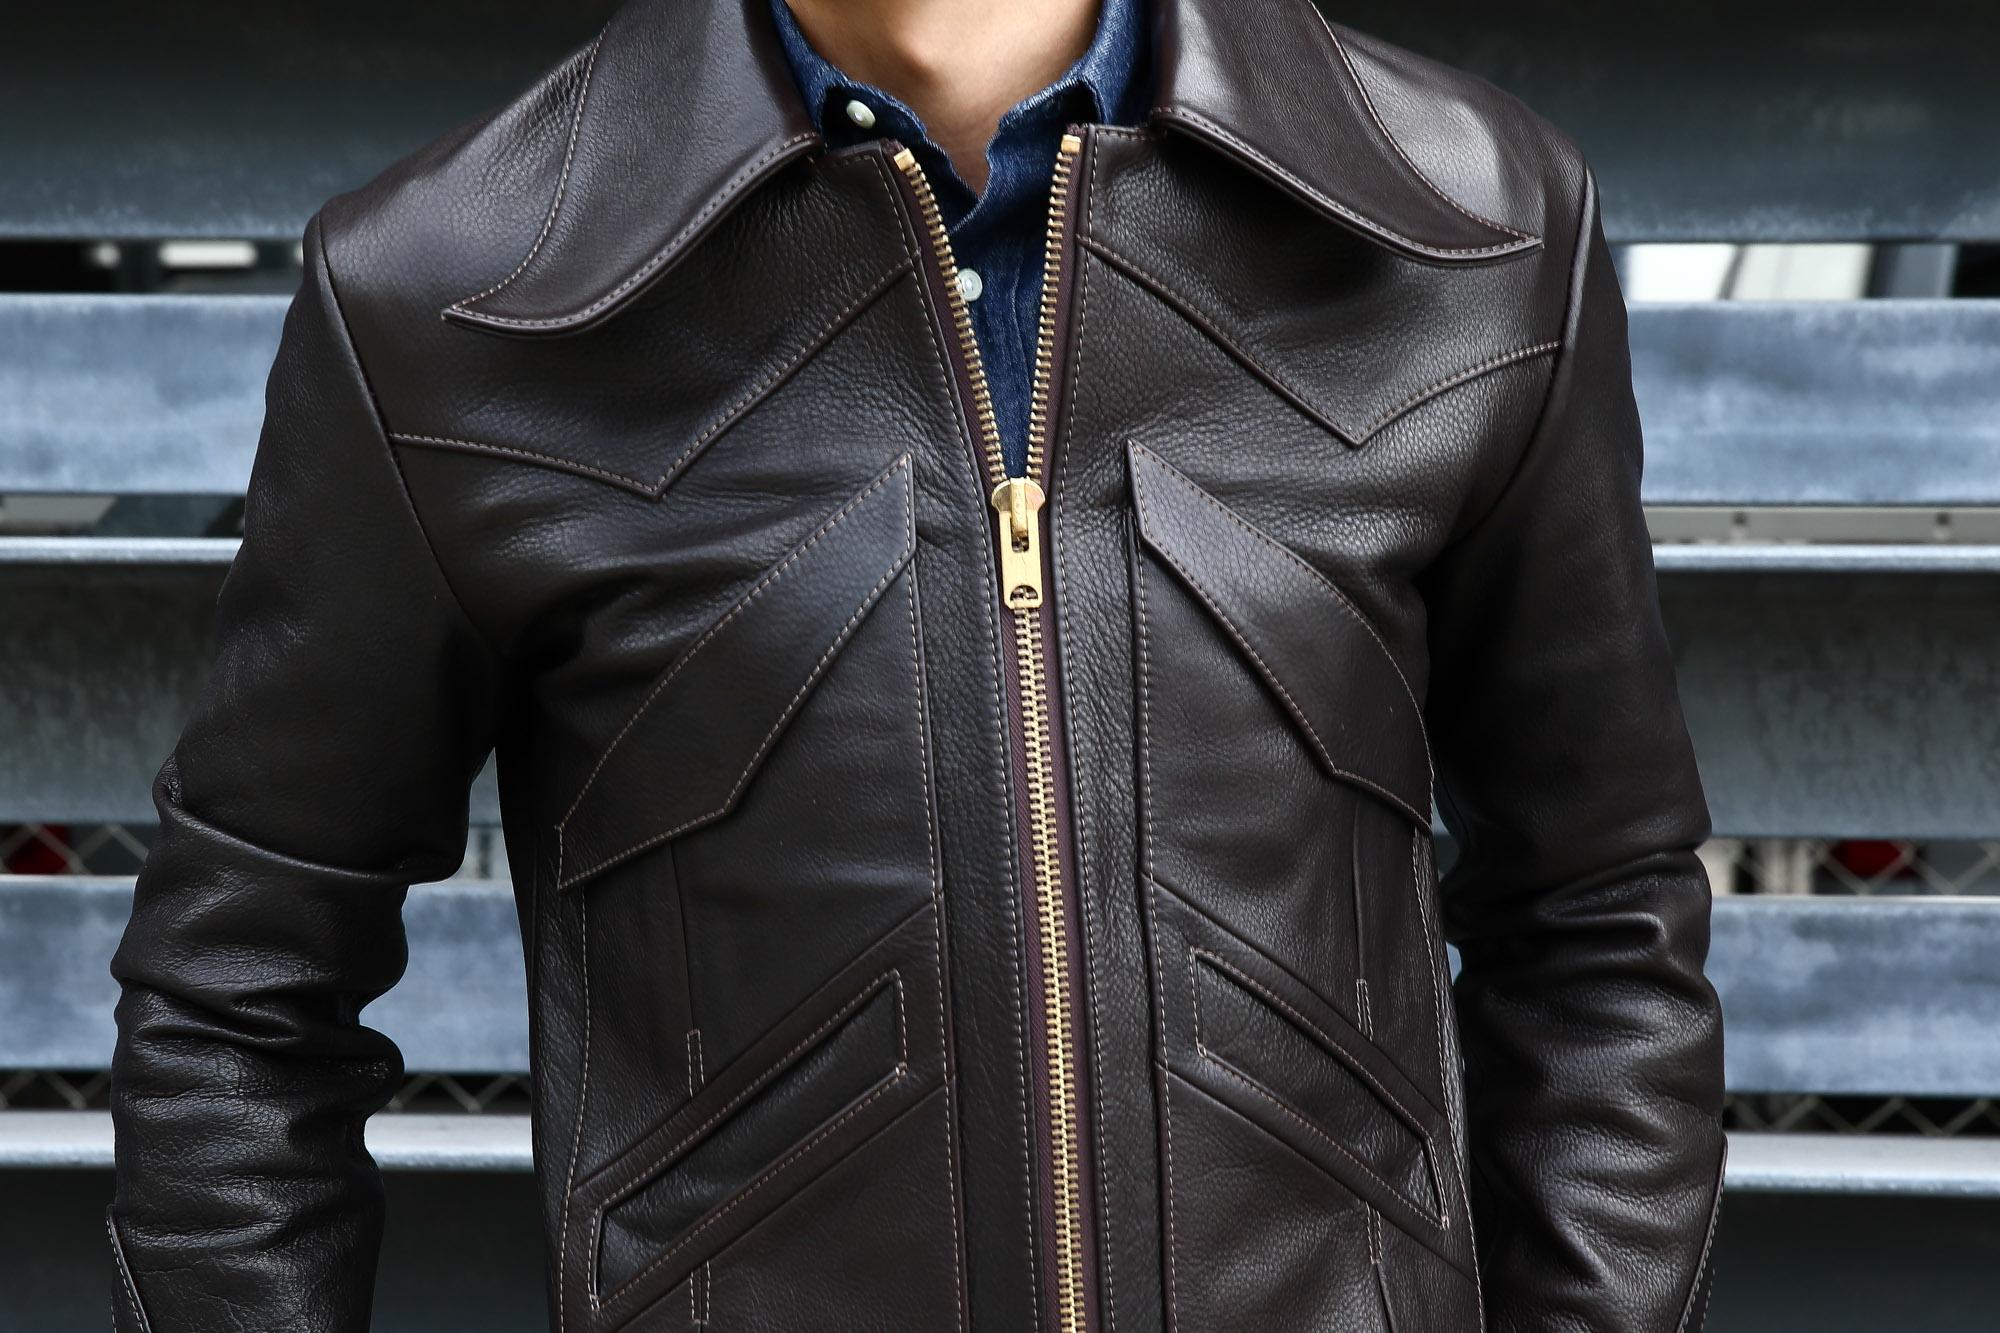 South Paradiso Leather(サウスパラディソレザー) East West(イーストウエスト) WINCHESTER(ウィンチェスター) Cow Hide Leather カウハイドレザー レザージャケット DARK BROWN(ダークブラウン) MADE IN USA(アメリカ製) のコーディネート画像。パラディソ 取扱い 愛知 名古屋 ZODIAC デニムシャツとの相性抜群